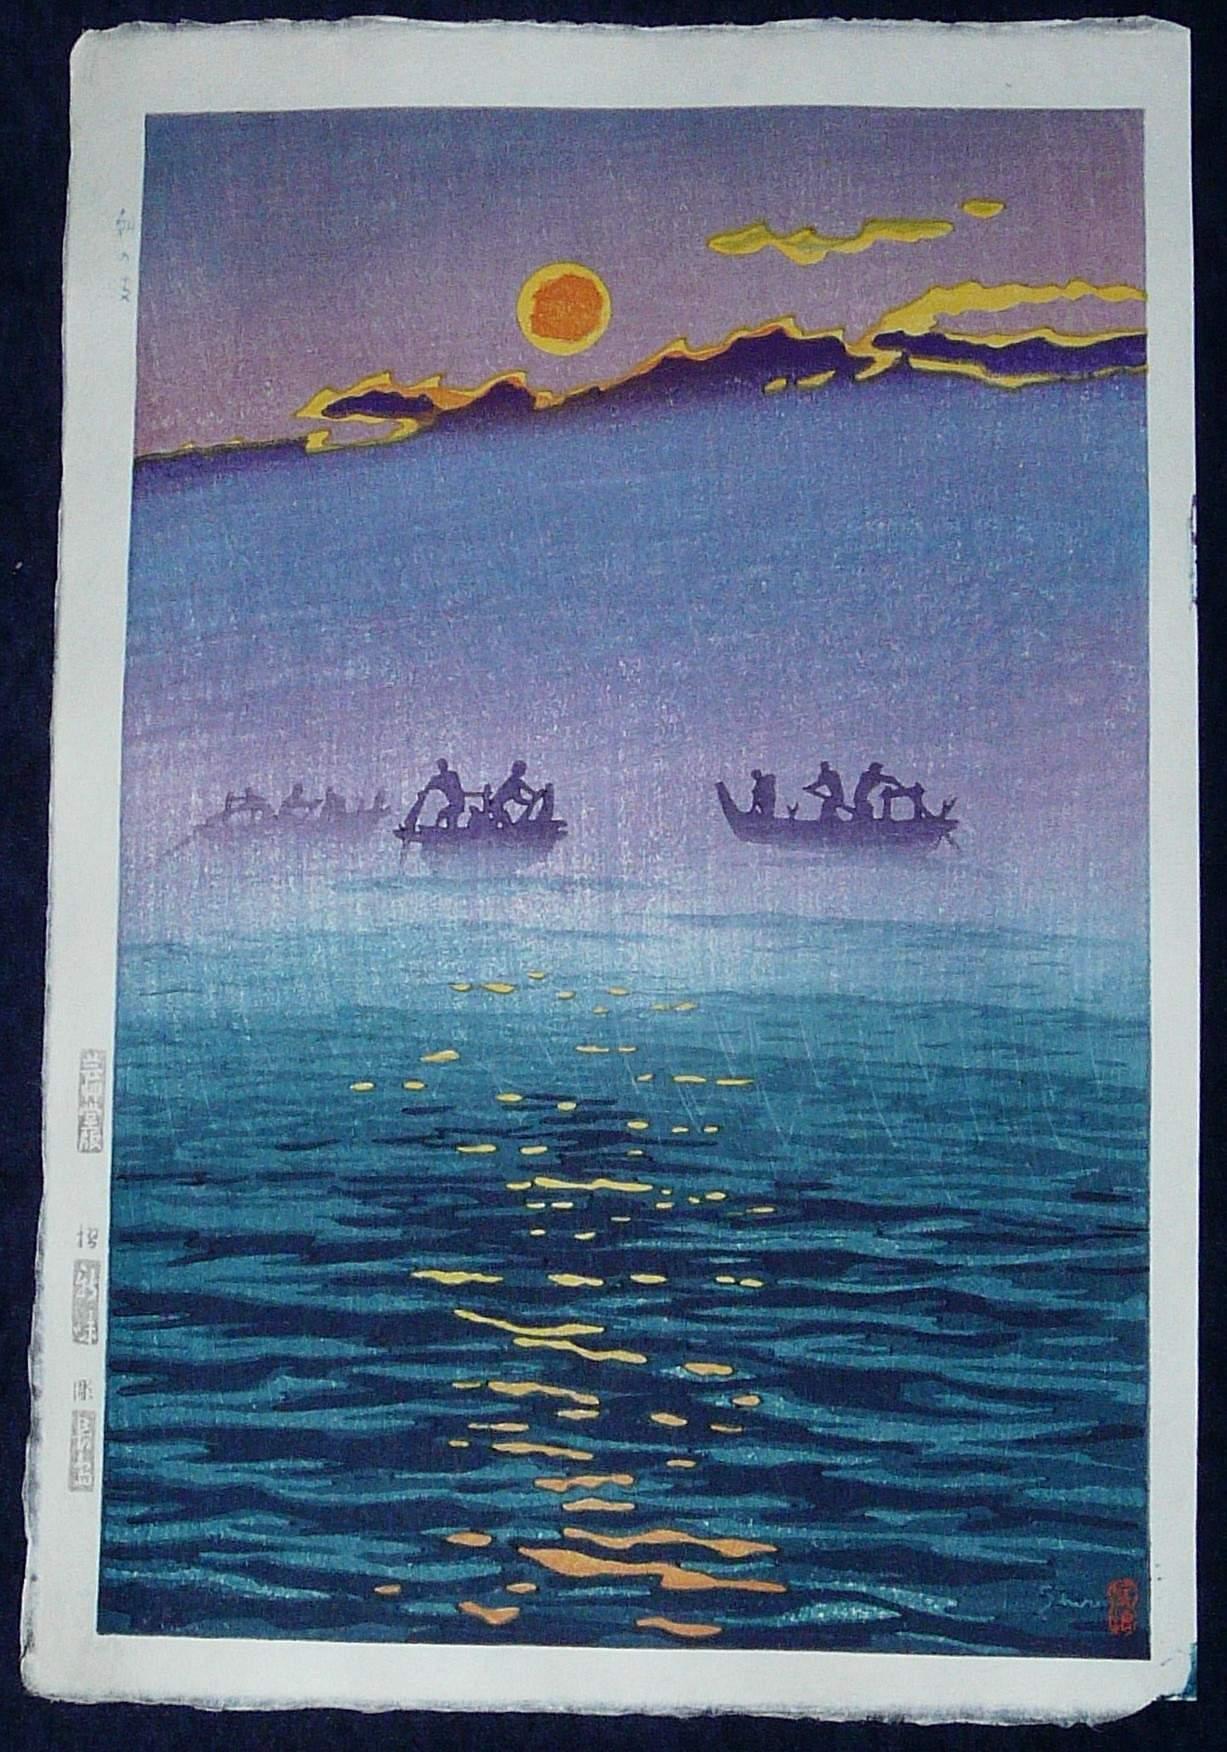 SHIRO KASAMATSU: #P3602 WAVE IN THE MORNING